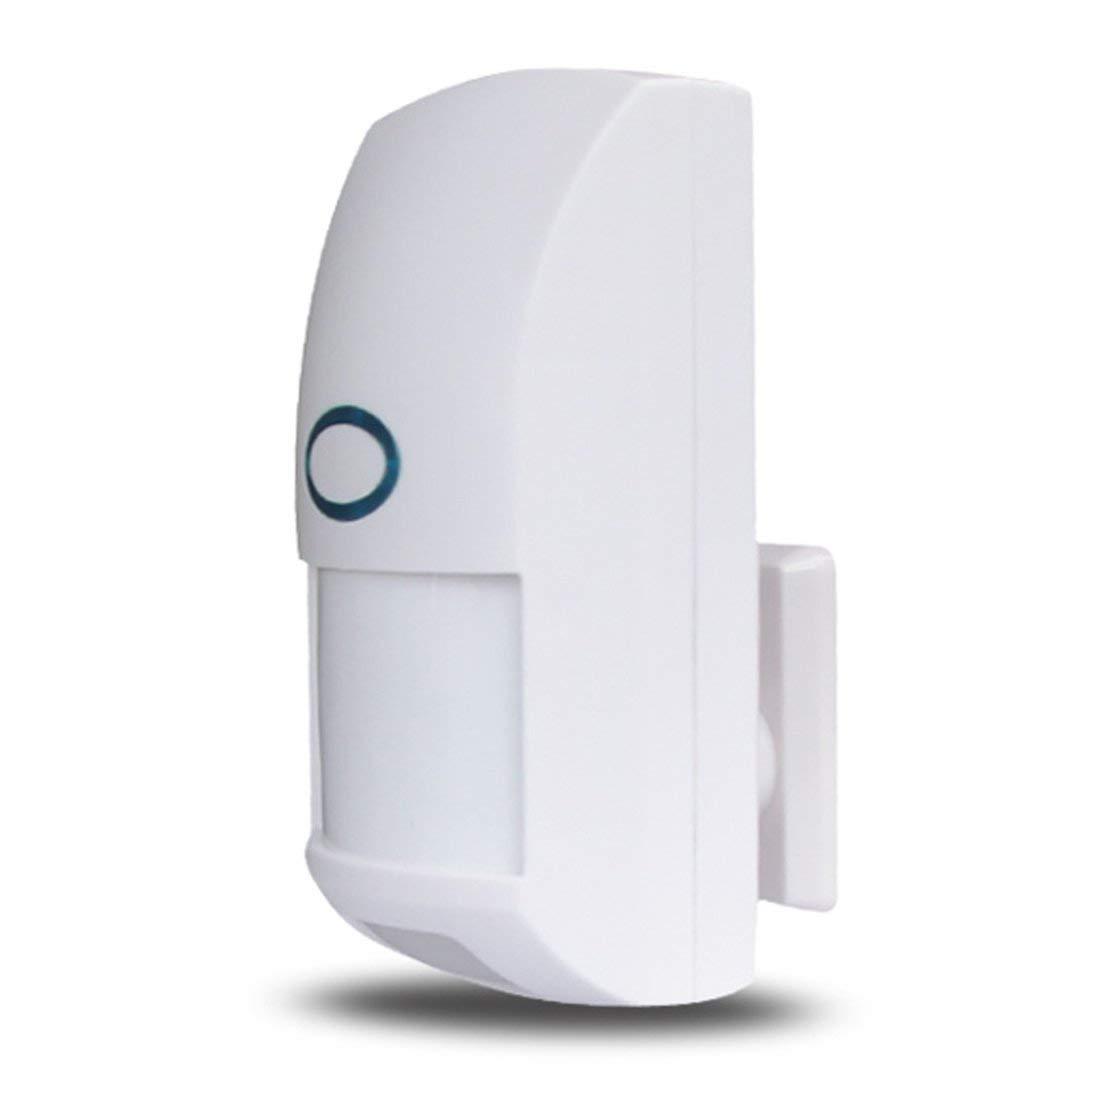 Detector PIR Inmune sensor inalámbrico CT60-433 anti-mascota del detector de infrarrojos de la sonda del cuerpo humano del animal doméstico para el sistema de alarma de seguridad